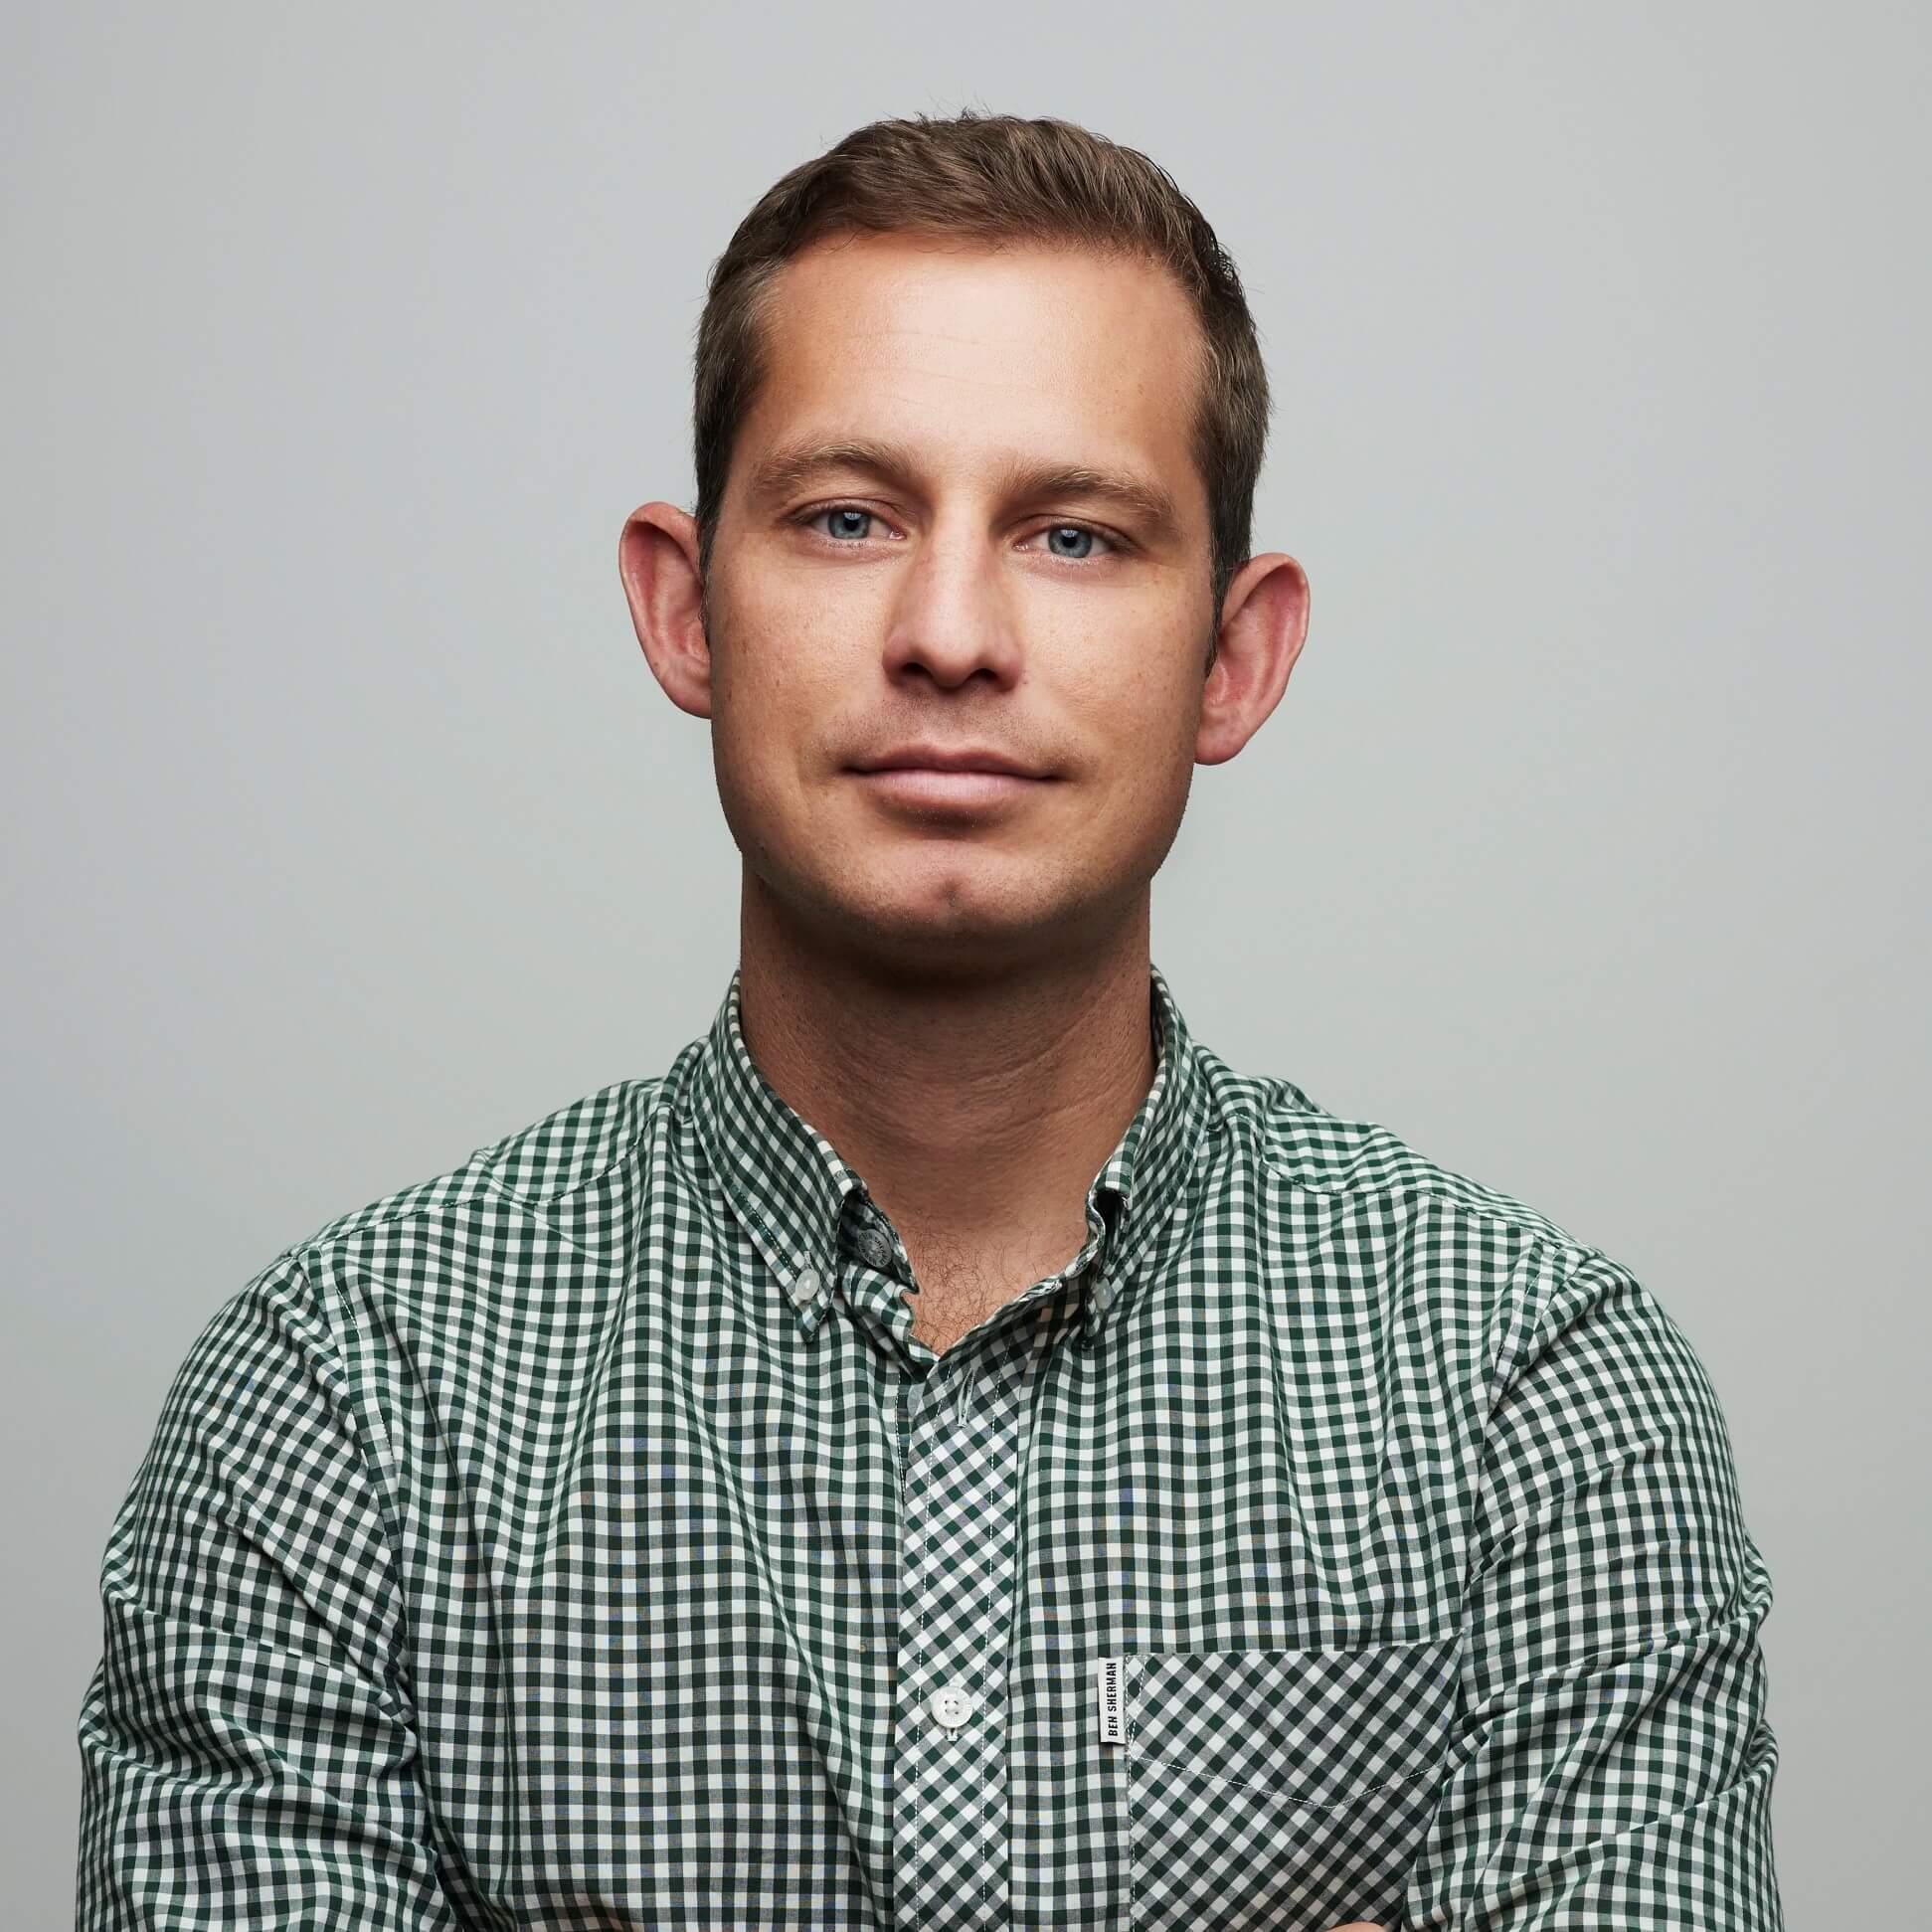 Daniel Eb